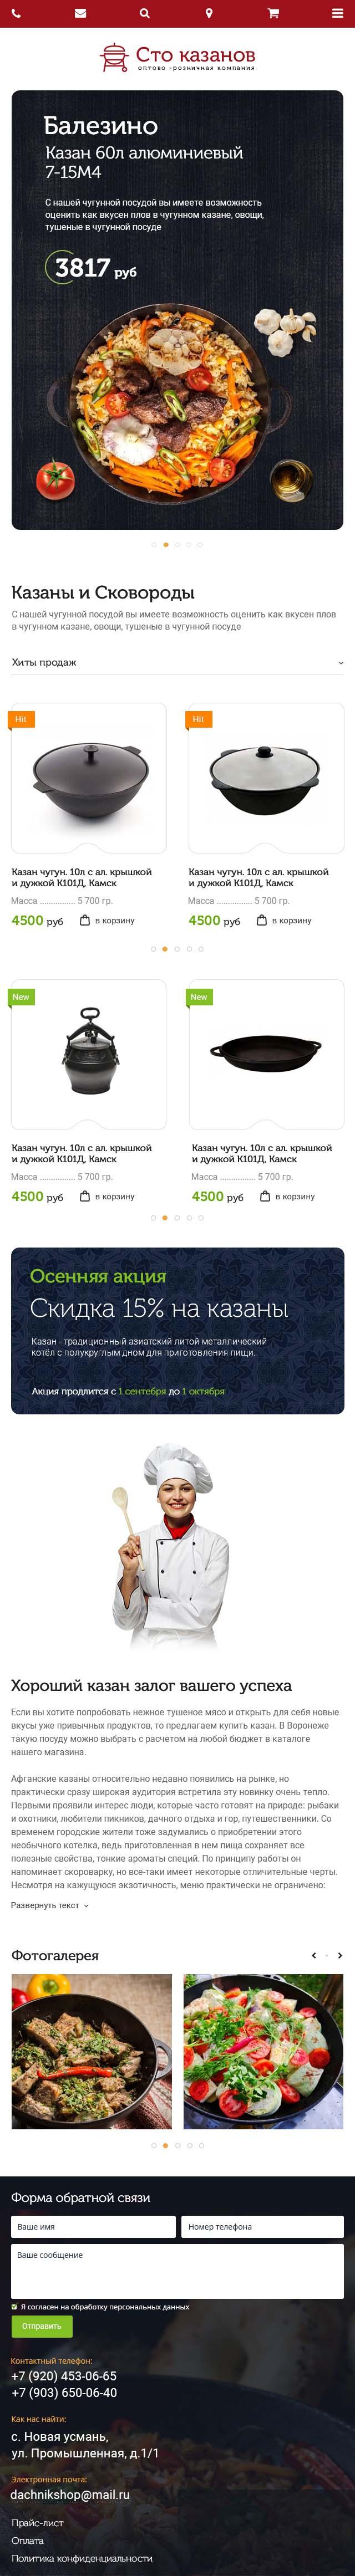 сайт торговля пример Сто казанов 640 px